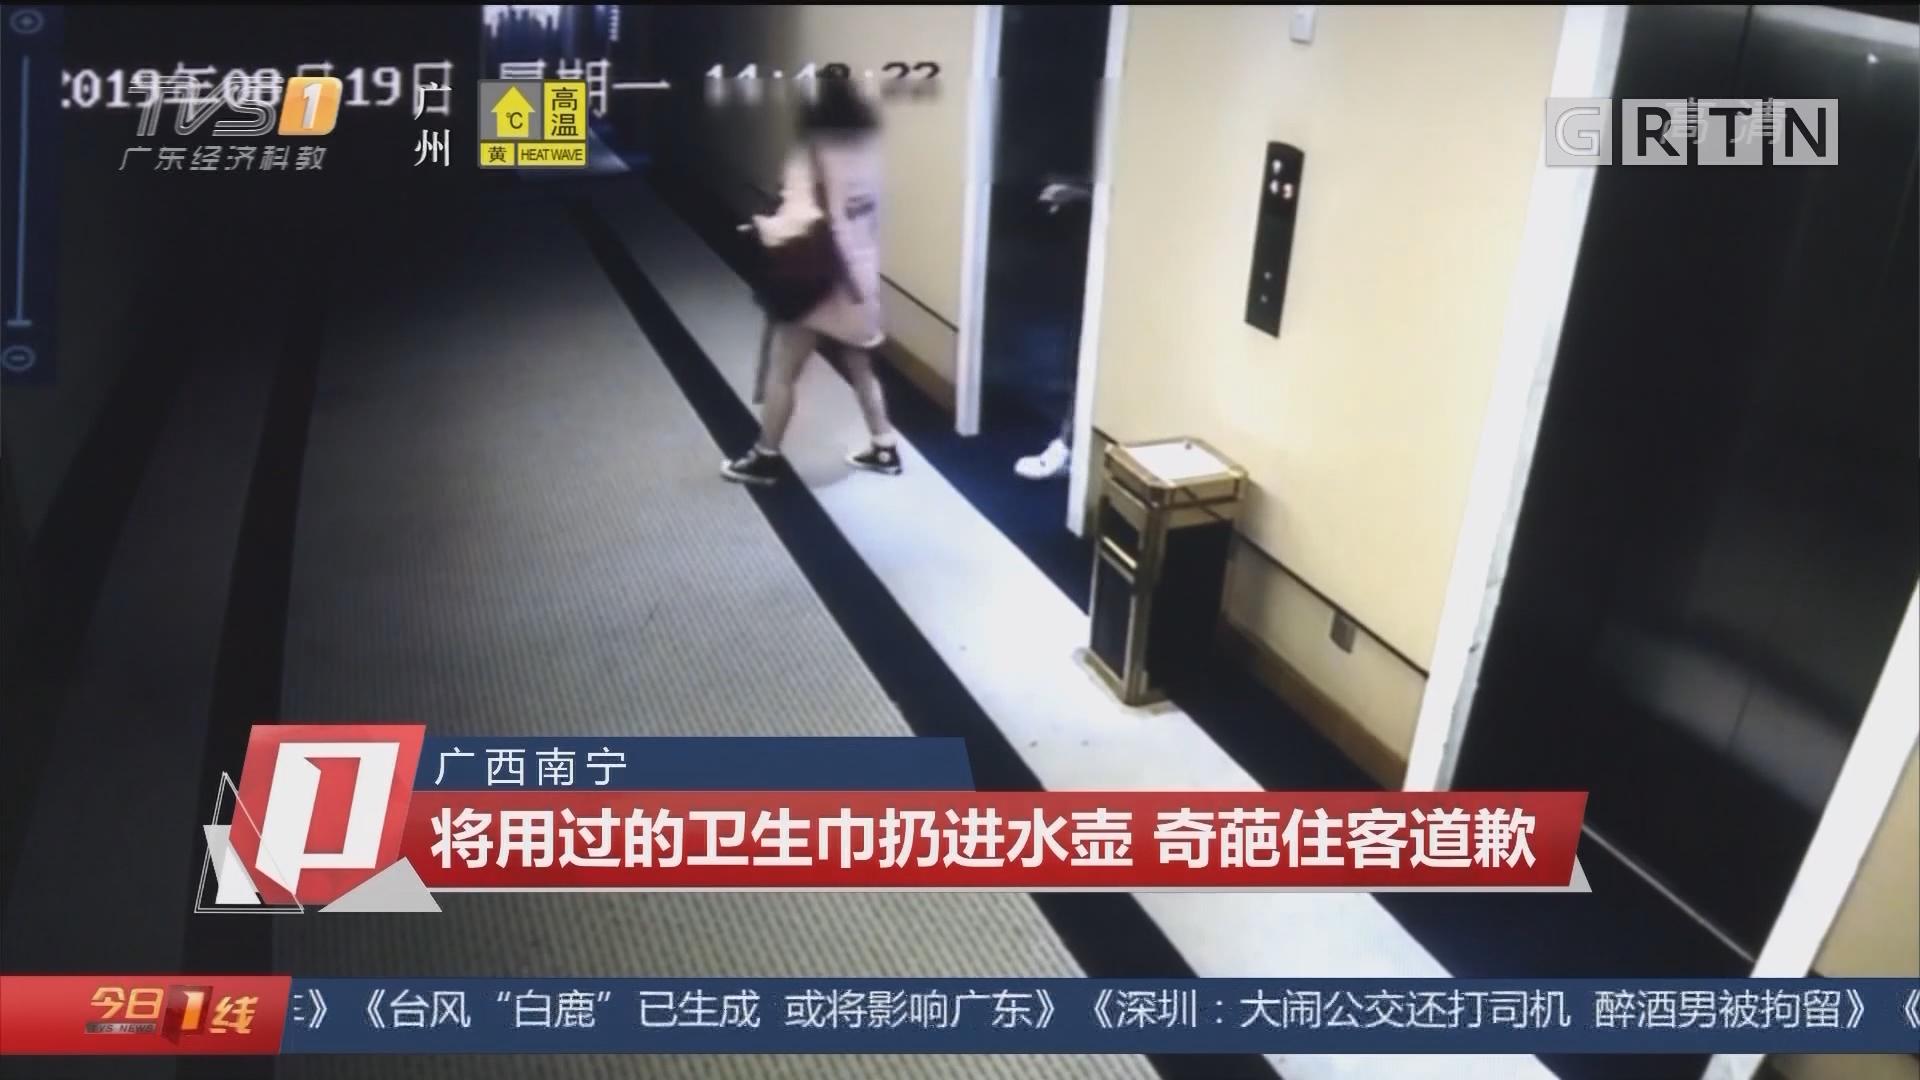 广西南宁:将用过的卫生巾扔进水壶 奇葩住客道歉